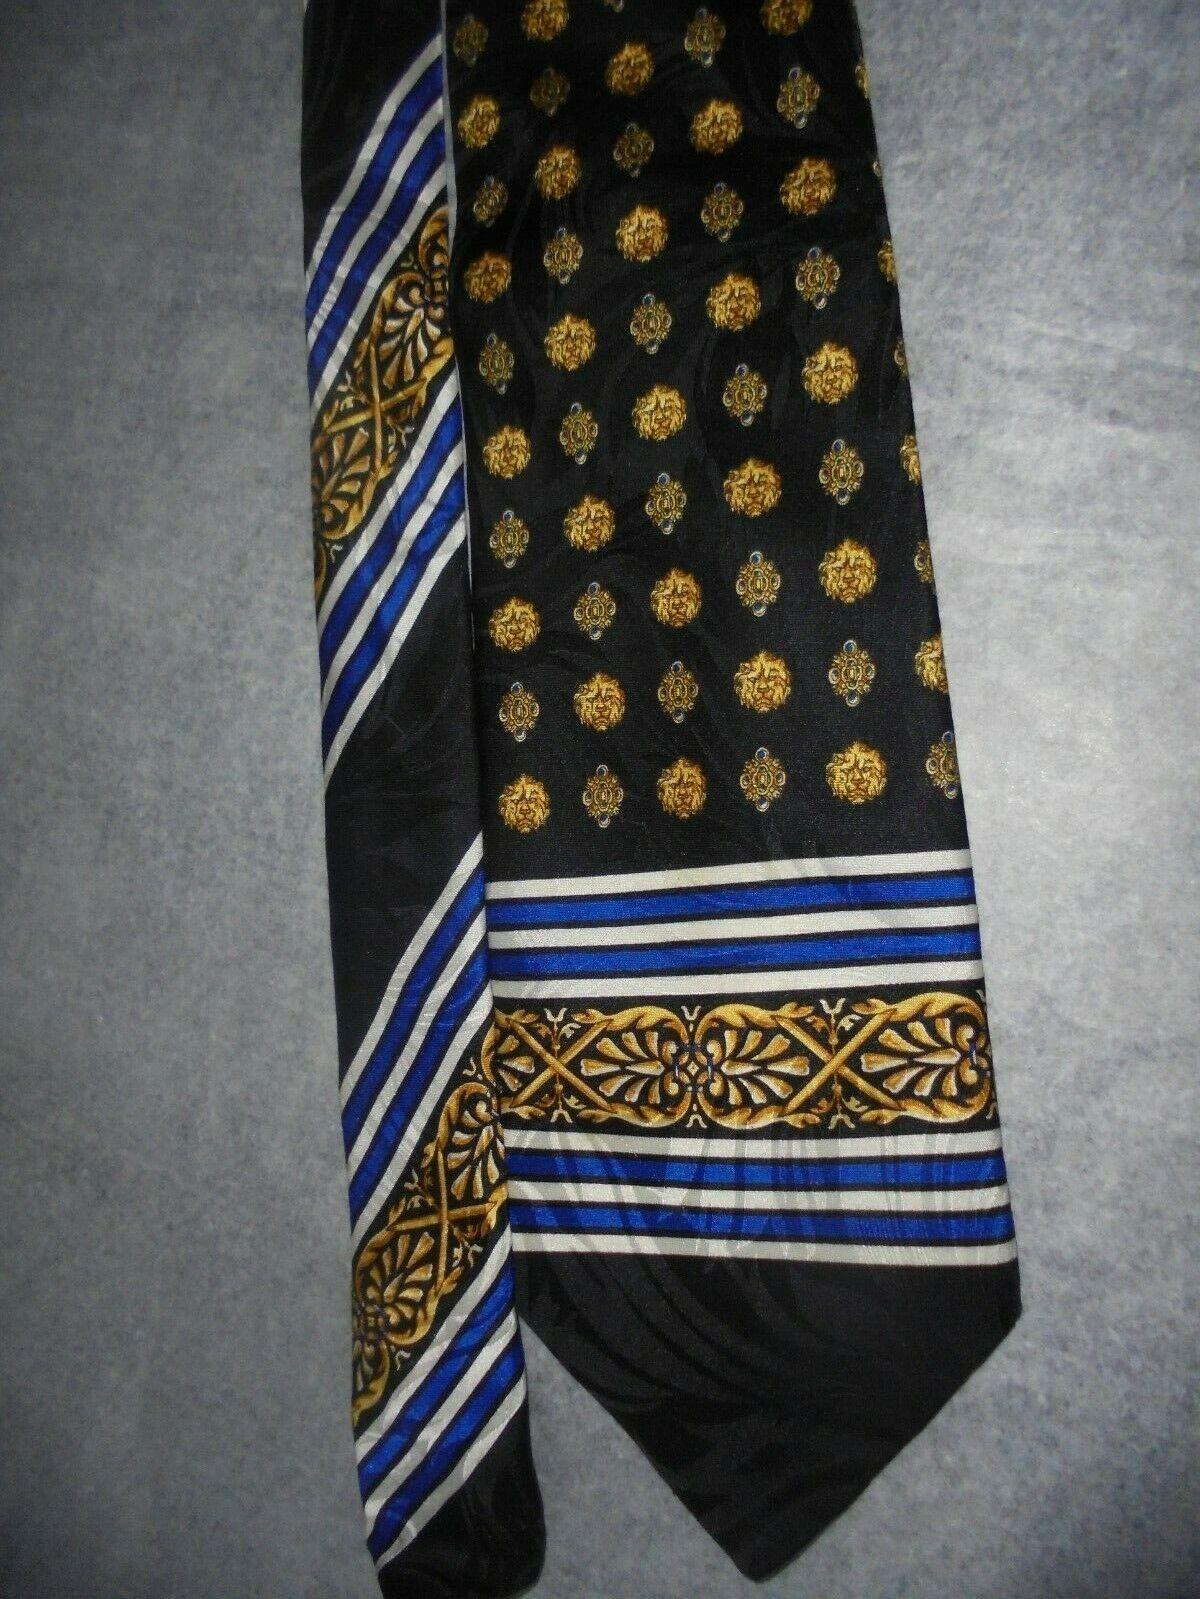 ^ Corbata Seda Baumler Todo Labrado Seda Negro/azul/oro patrón impresionante.